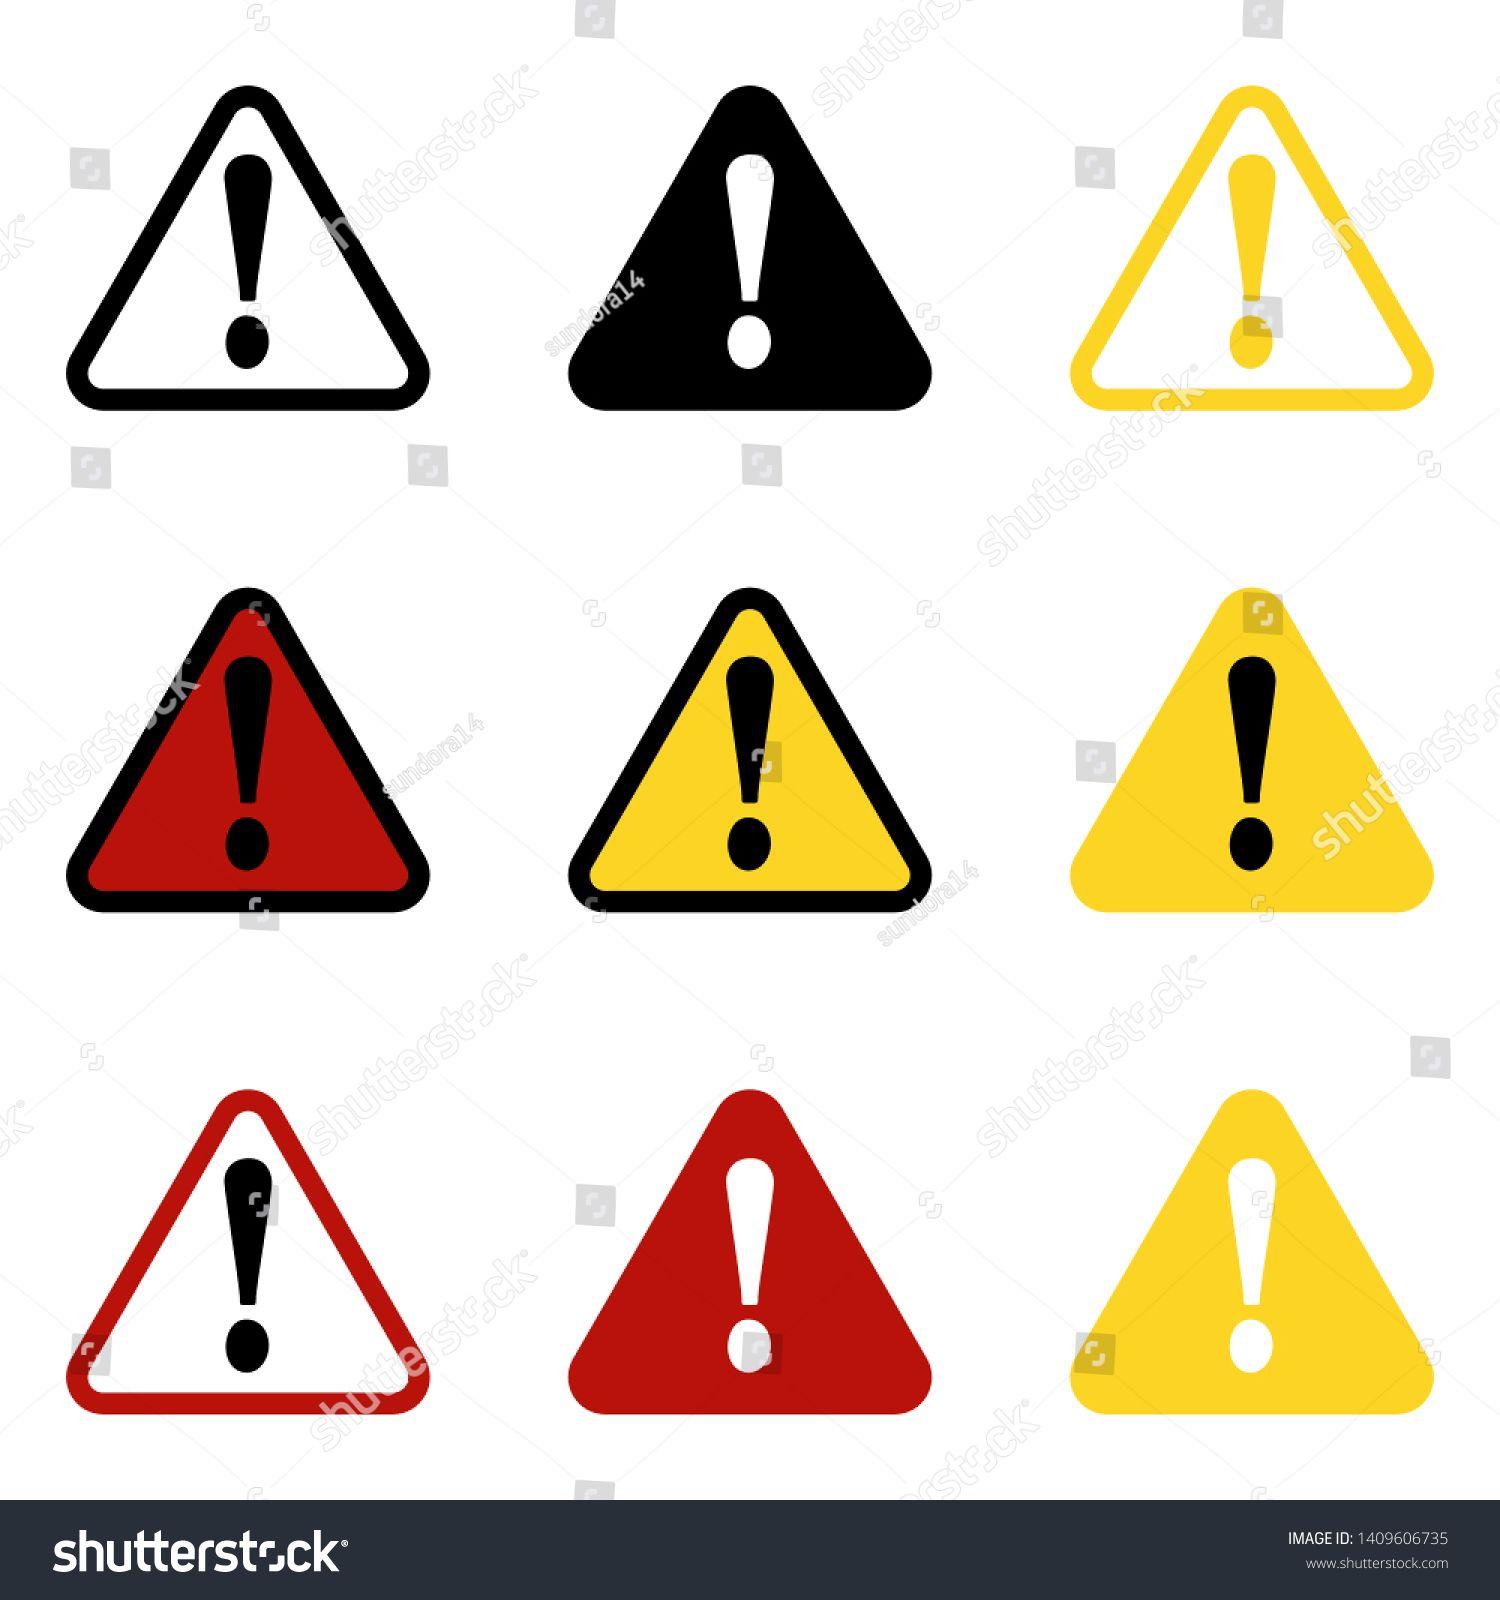 danger sign warning sign attention sign danger icon warning icon attention icon ad spon sign danger warning icon in 2020 warning signs danger sign signs danger warning icon